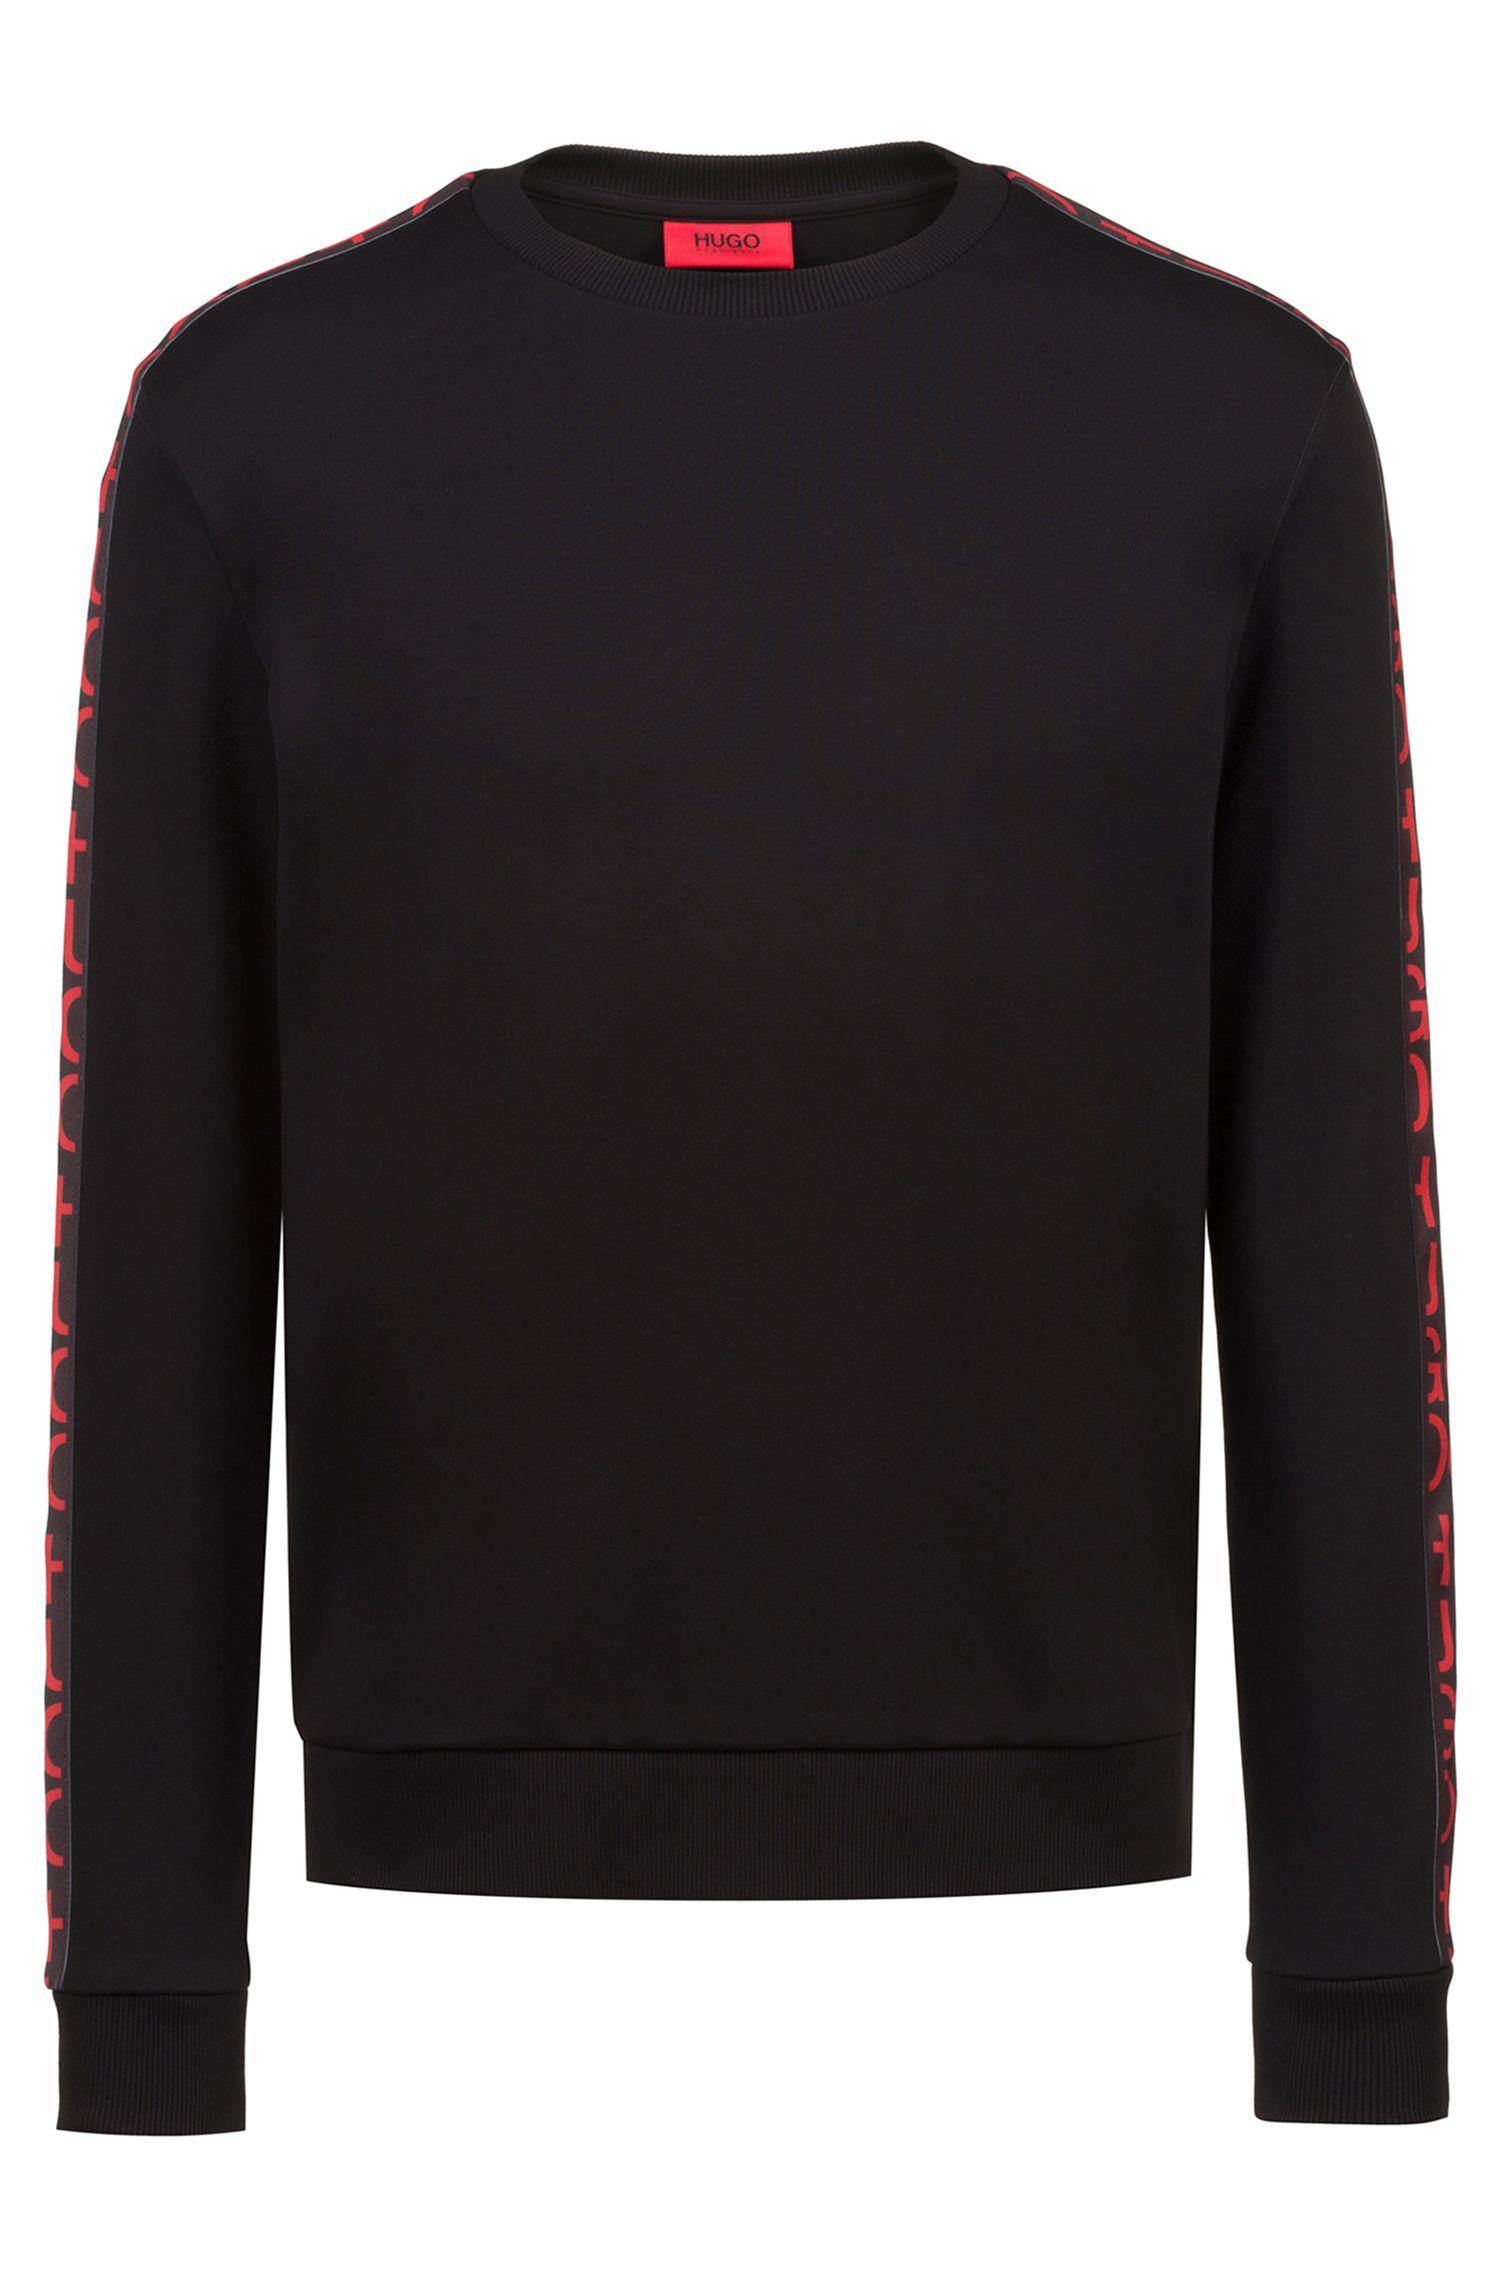 Sweatshirt aus Interlock-Baumwolle mit Logo-Band am Ärmel, Schwarz